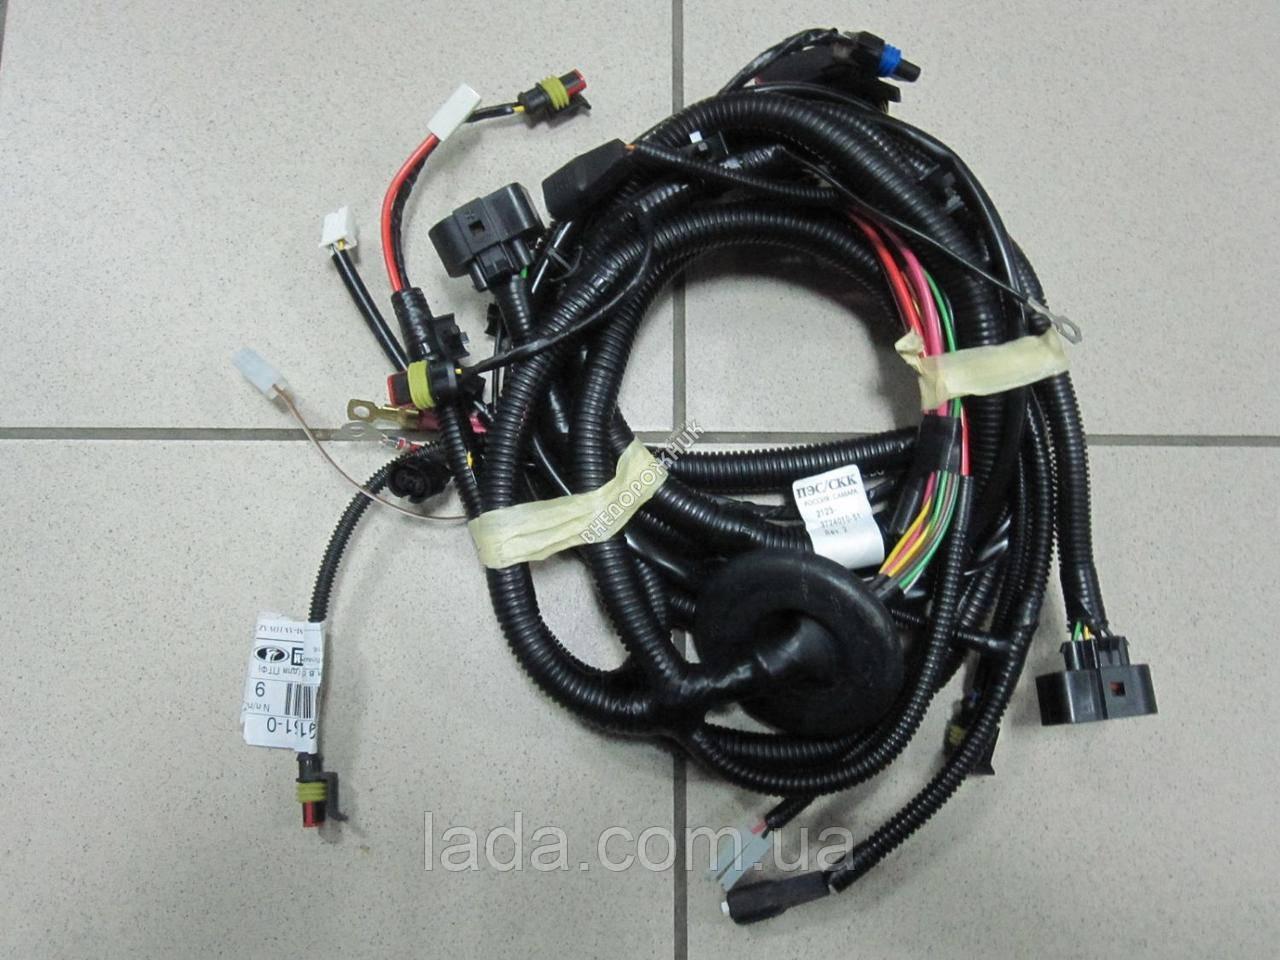 Жгут проводов фаро-генераторный ВАЗ 21230-3724010-51